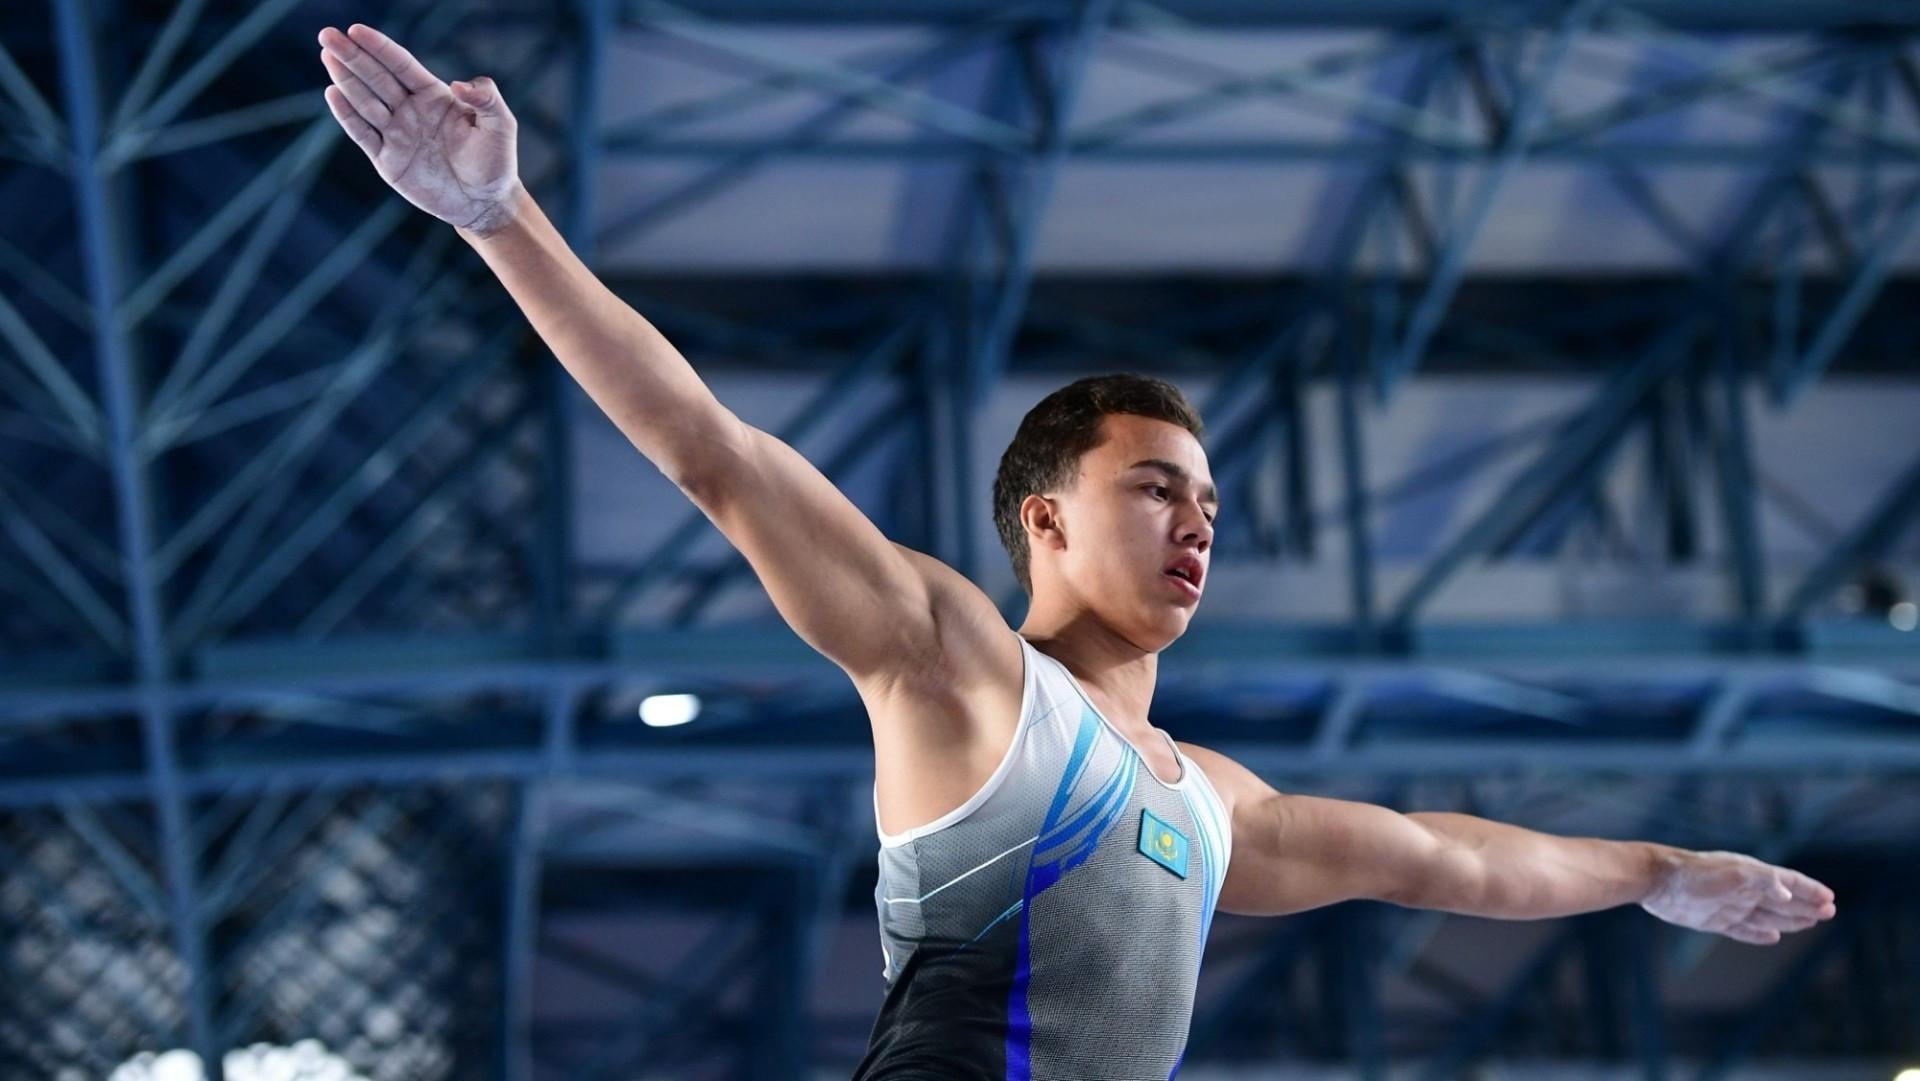 Милад Карими спорттық гимнастикадан әлем кубогінде «алтын» алды